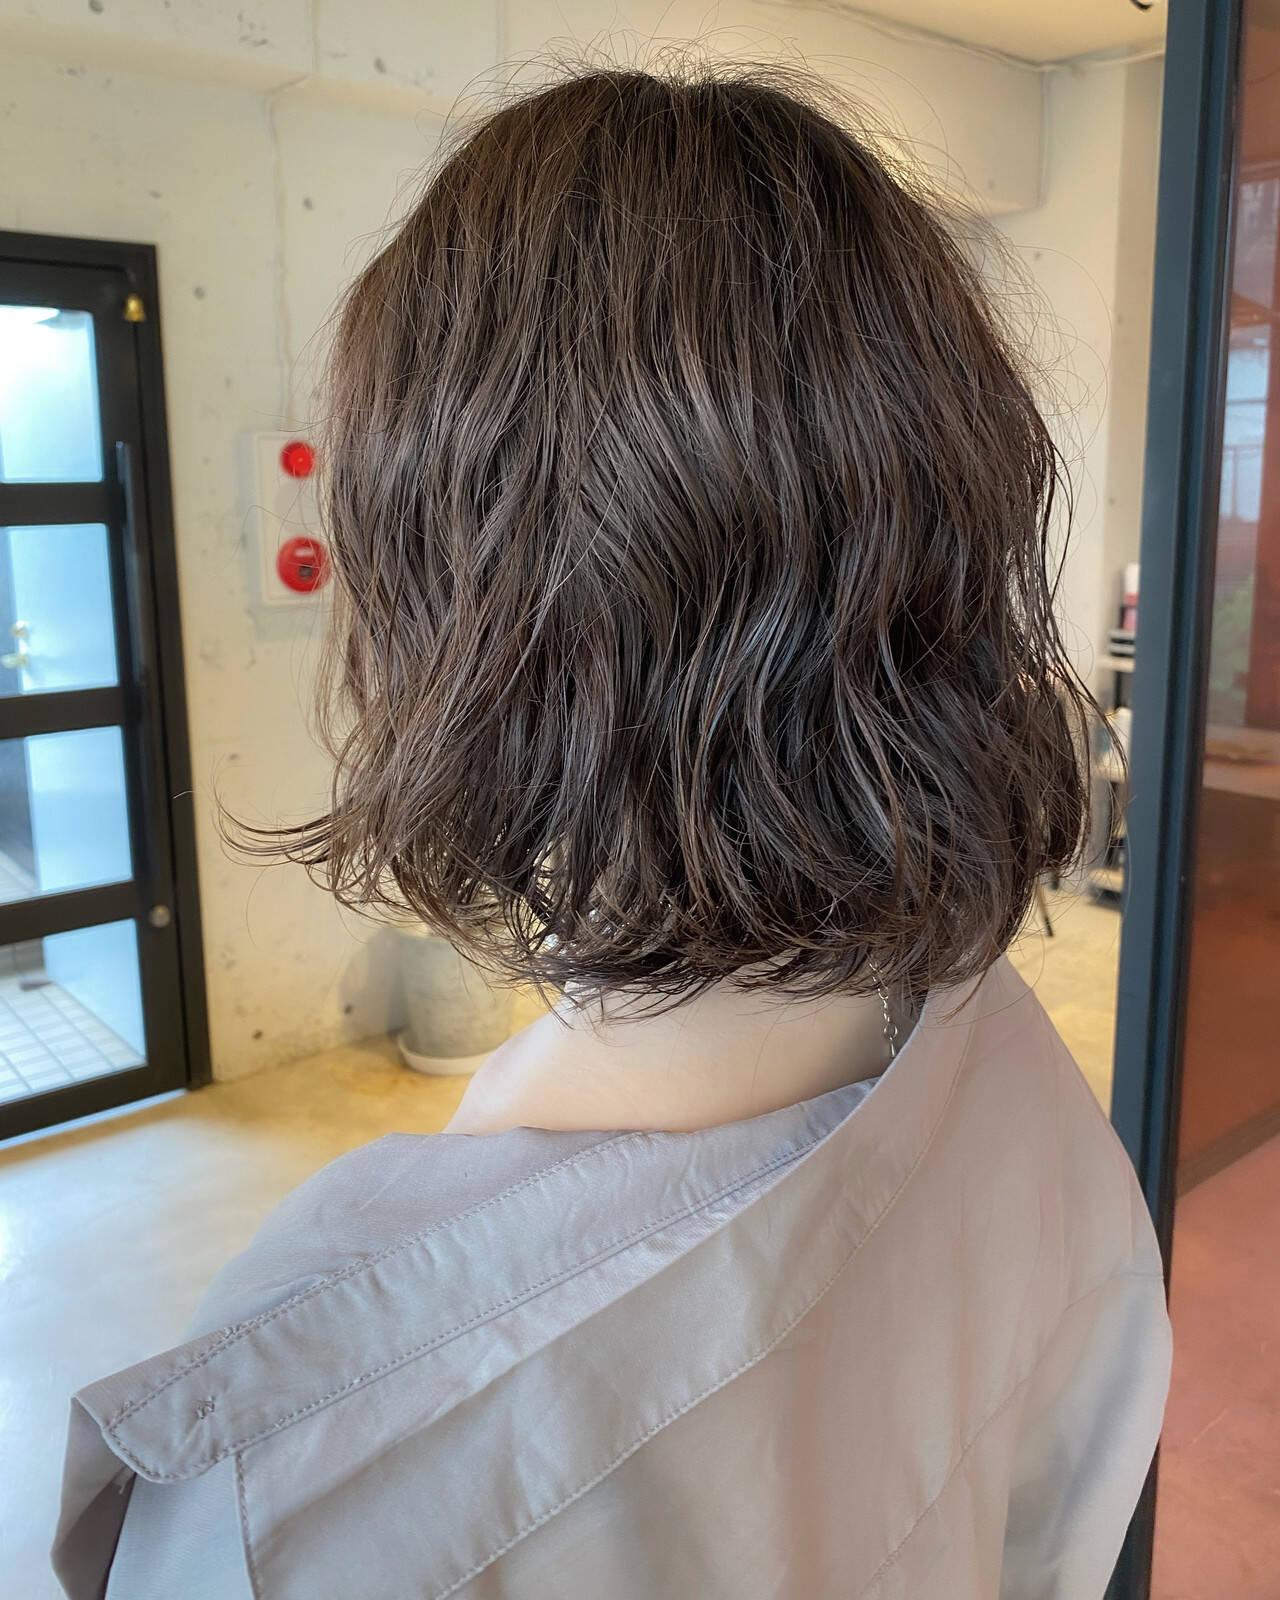 ゆるふわパーマ 透明感カラー ボブ 流し前髪ヘアスタイルや髪型の写真・画像